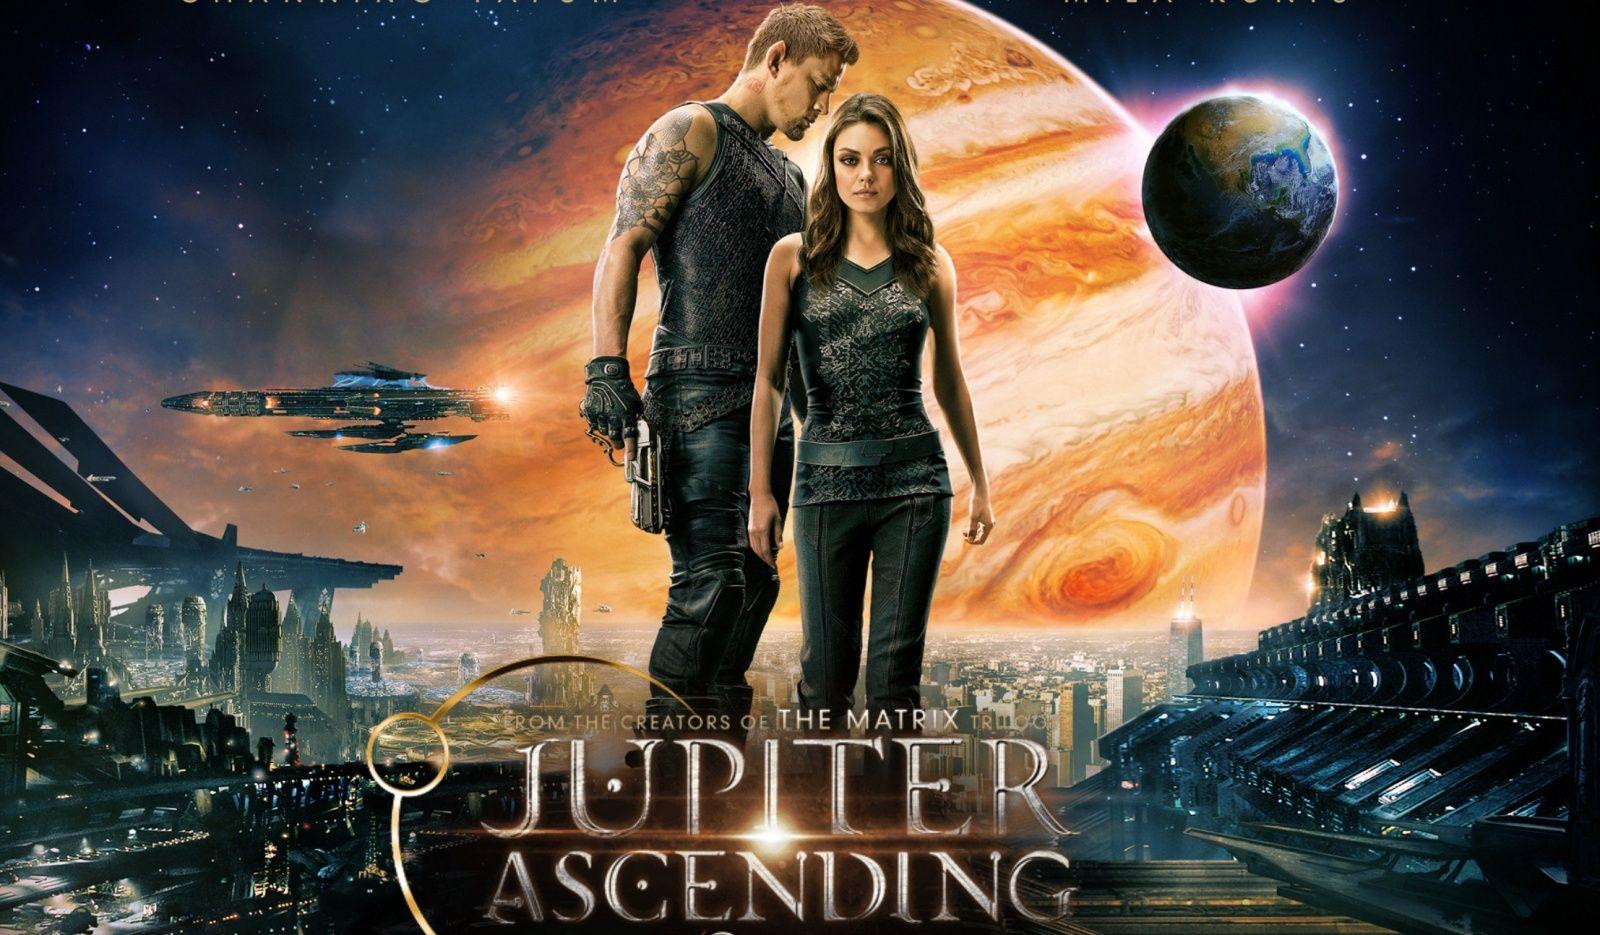 Фильмы, меняющие сознание, мировоззрение, жизнь и делающие нас немножечко лучше - Страница 3 Jupiter-Ascending